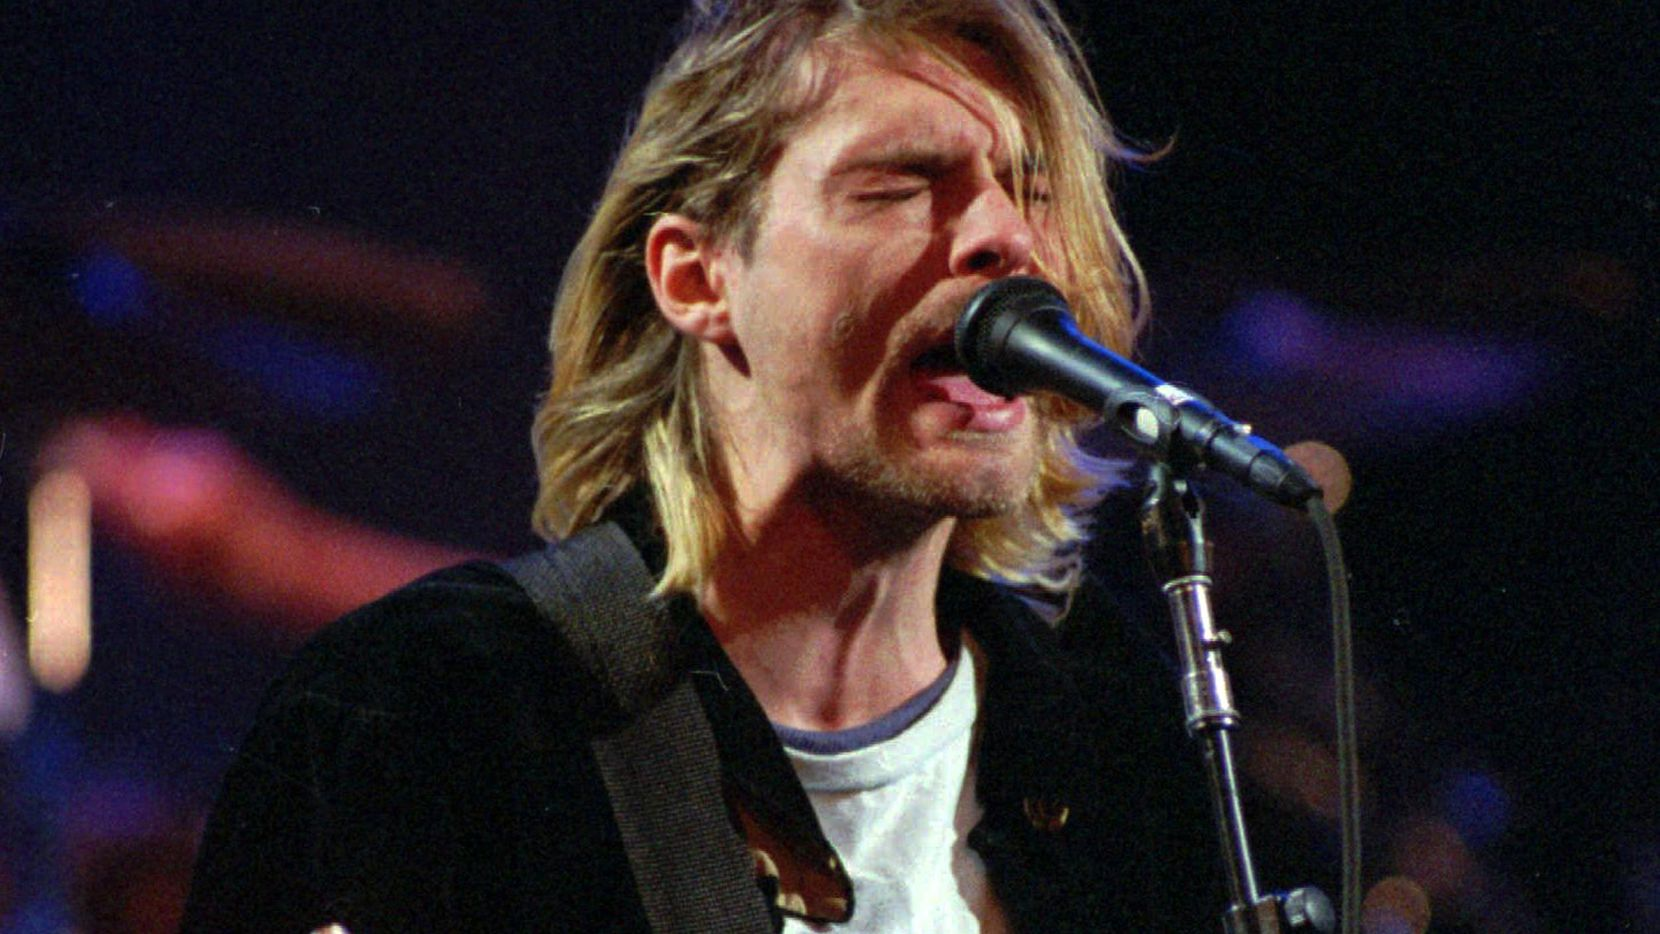 Kurt Cobain en una foto de concierto de Nirvana en 1993 en Seattle.(AP)